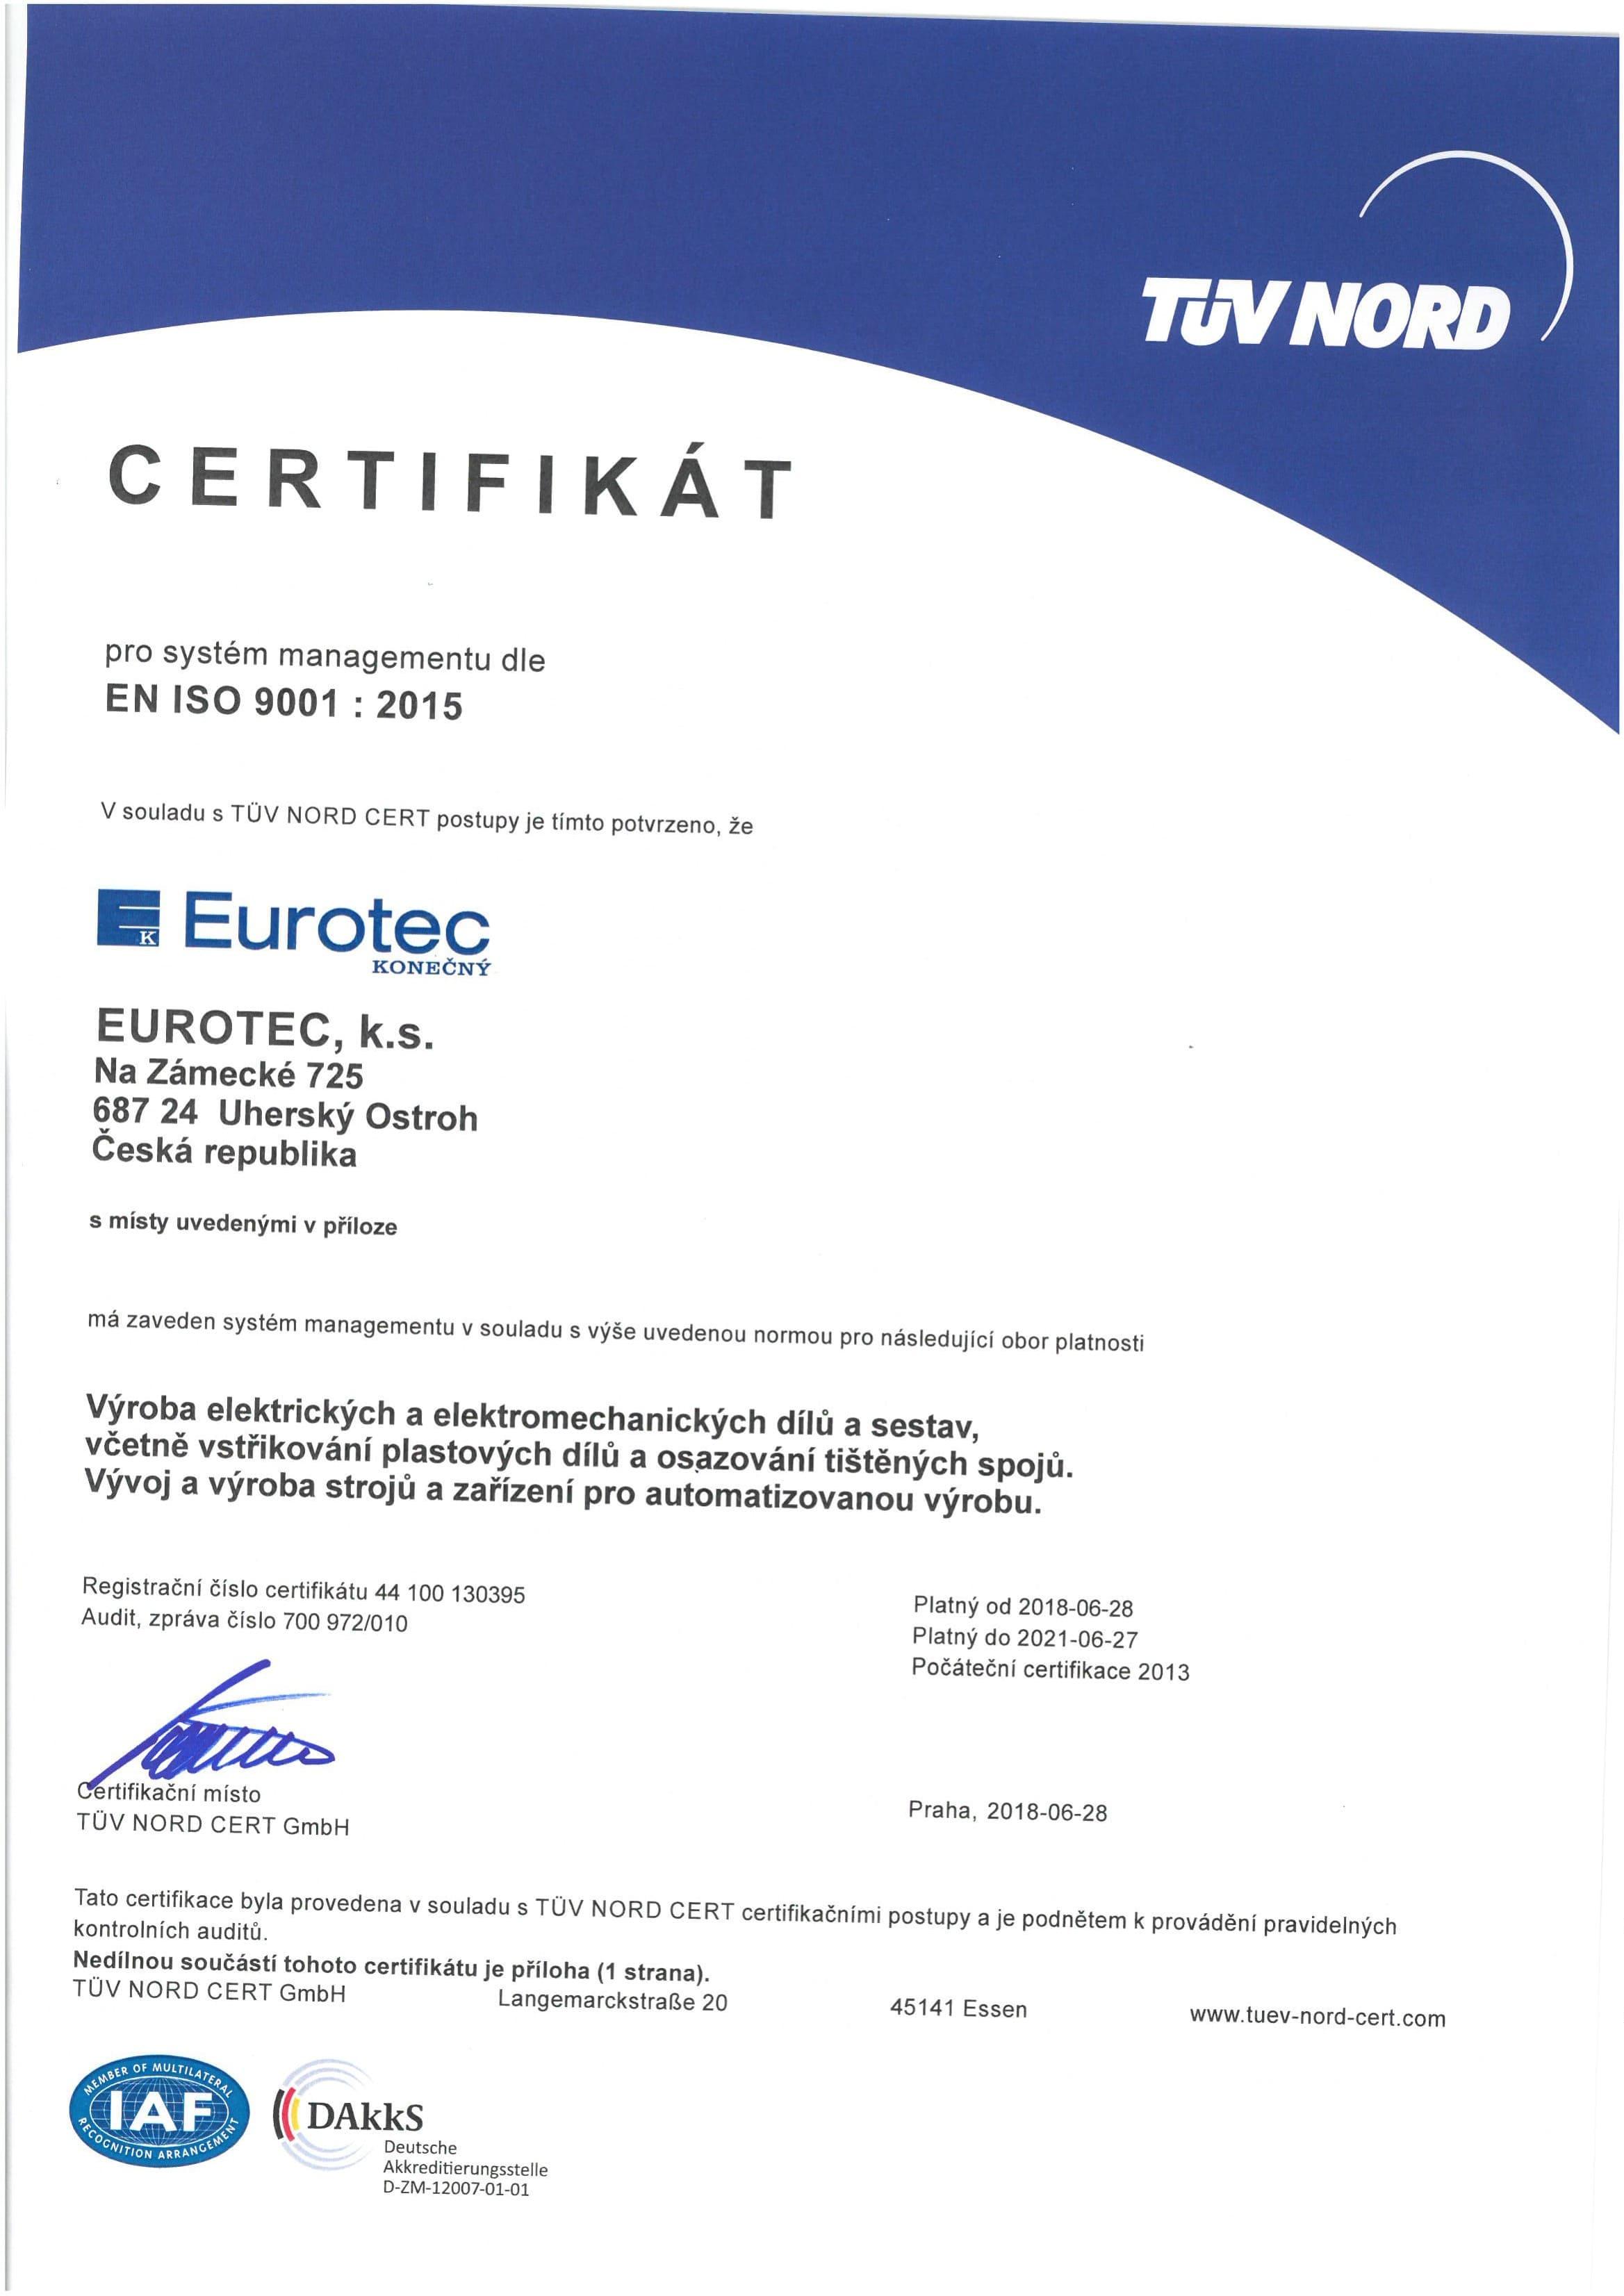 3 Certifikát_EN_ISO_9001-2015_UO_CZ-1-min